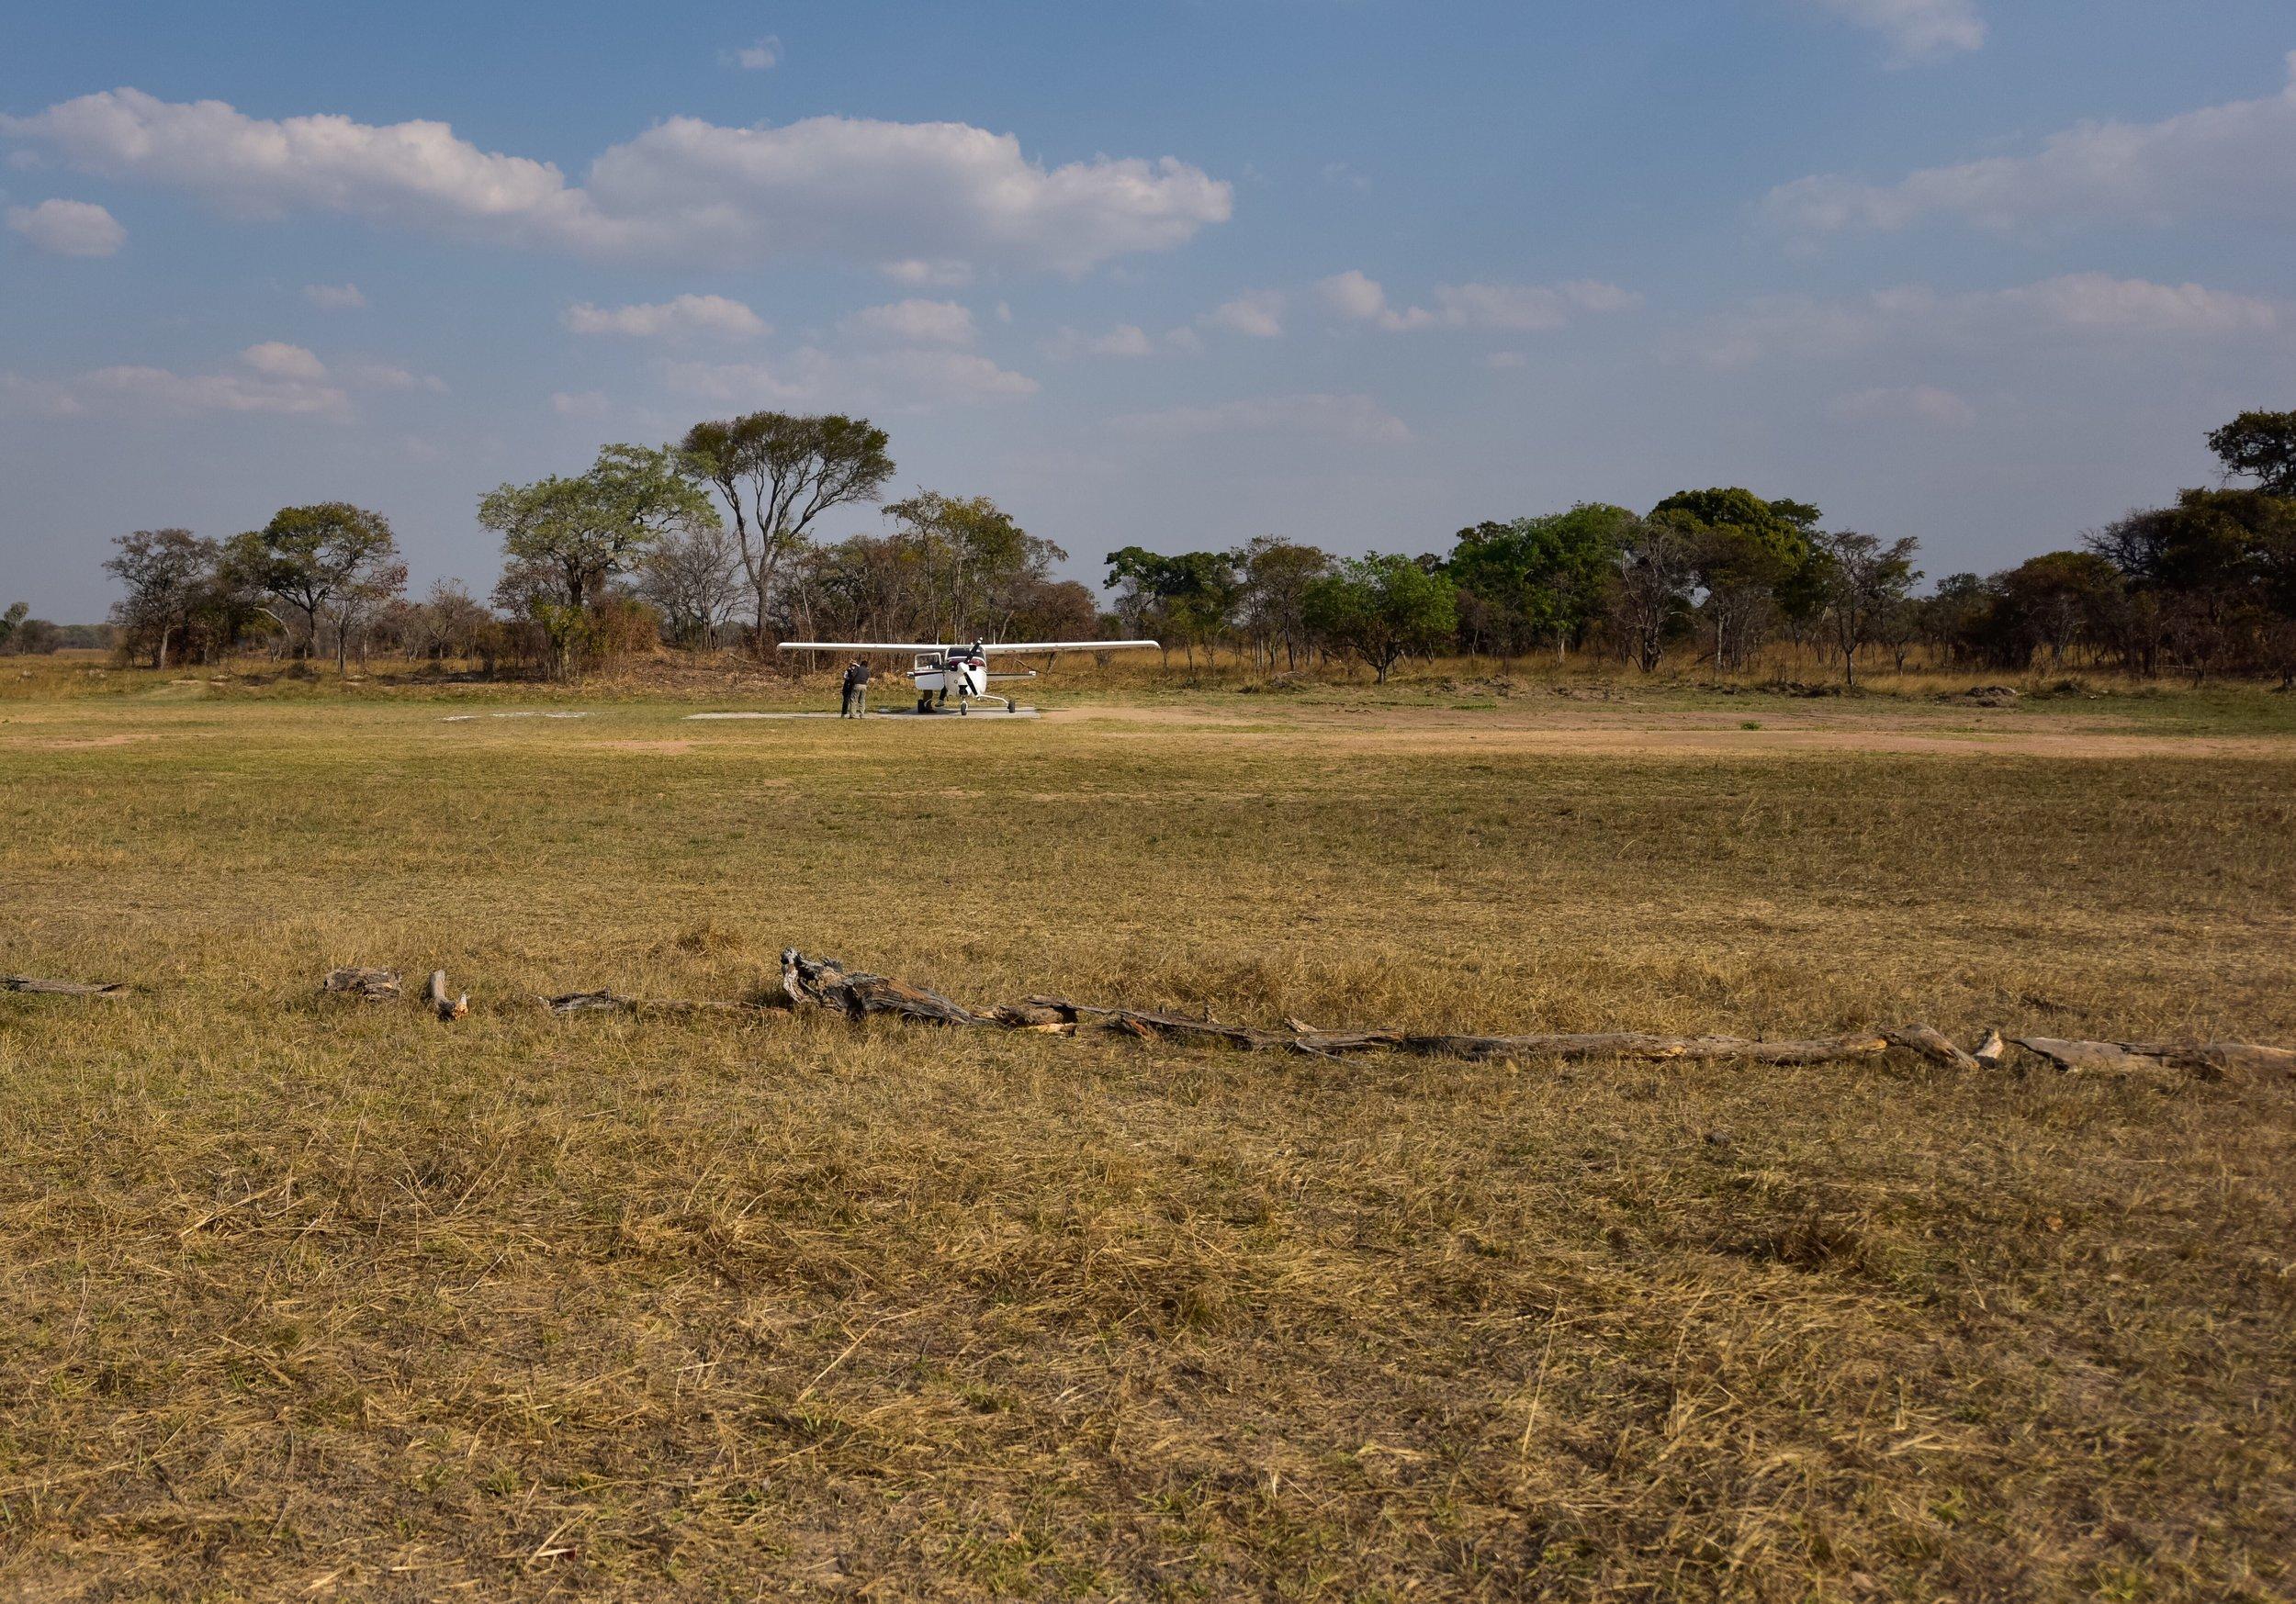 The airstrip near Busanga Bush Camp (BBC).